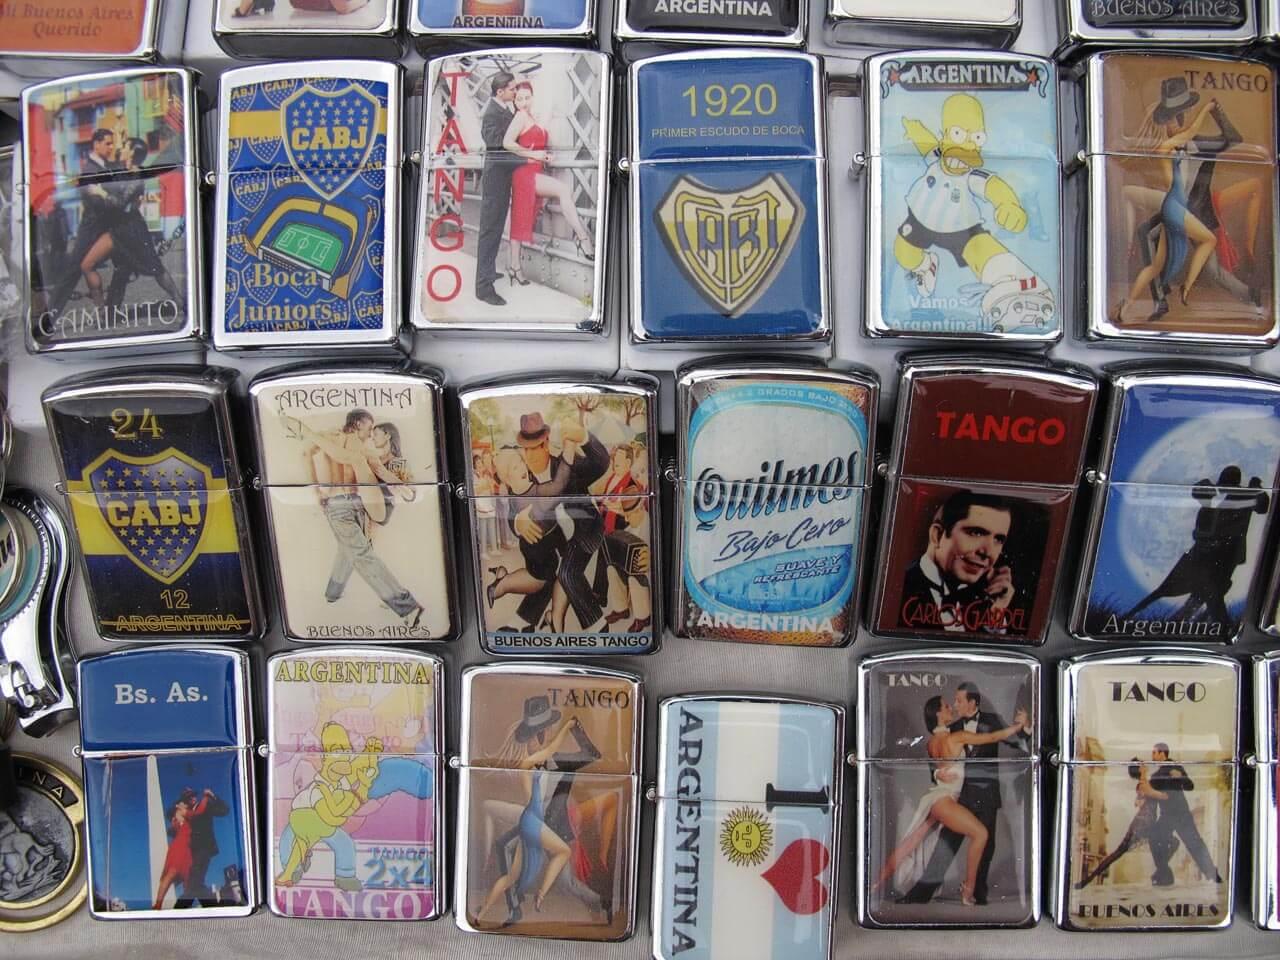 Buenos Aires Tango souvenir-